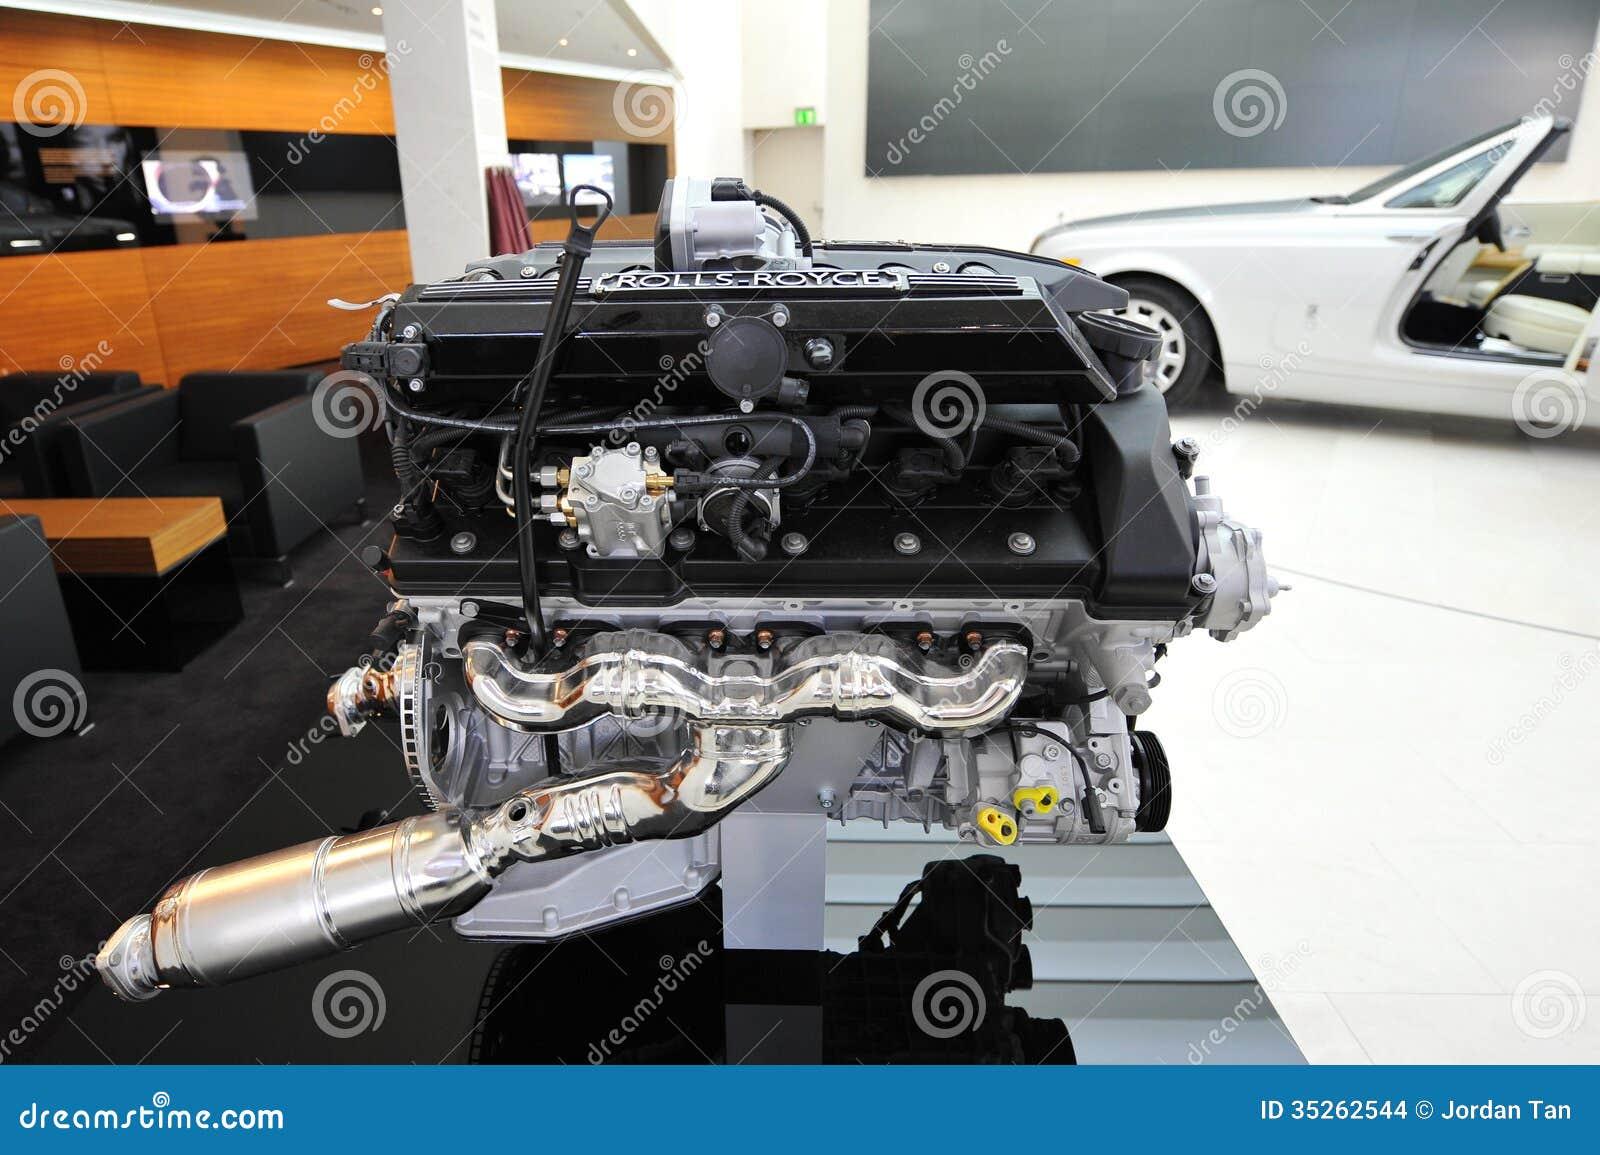 moteur v12 de rolls royce phantom drophead coupe sur l 39 affichage dans la tr pointe de bmw image. Black Bedroom Furniture Sets. Home Design Ideas